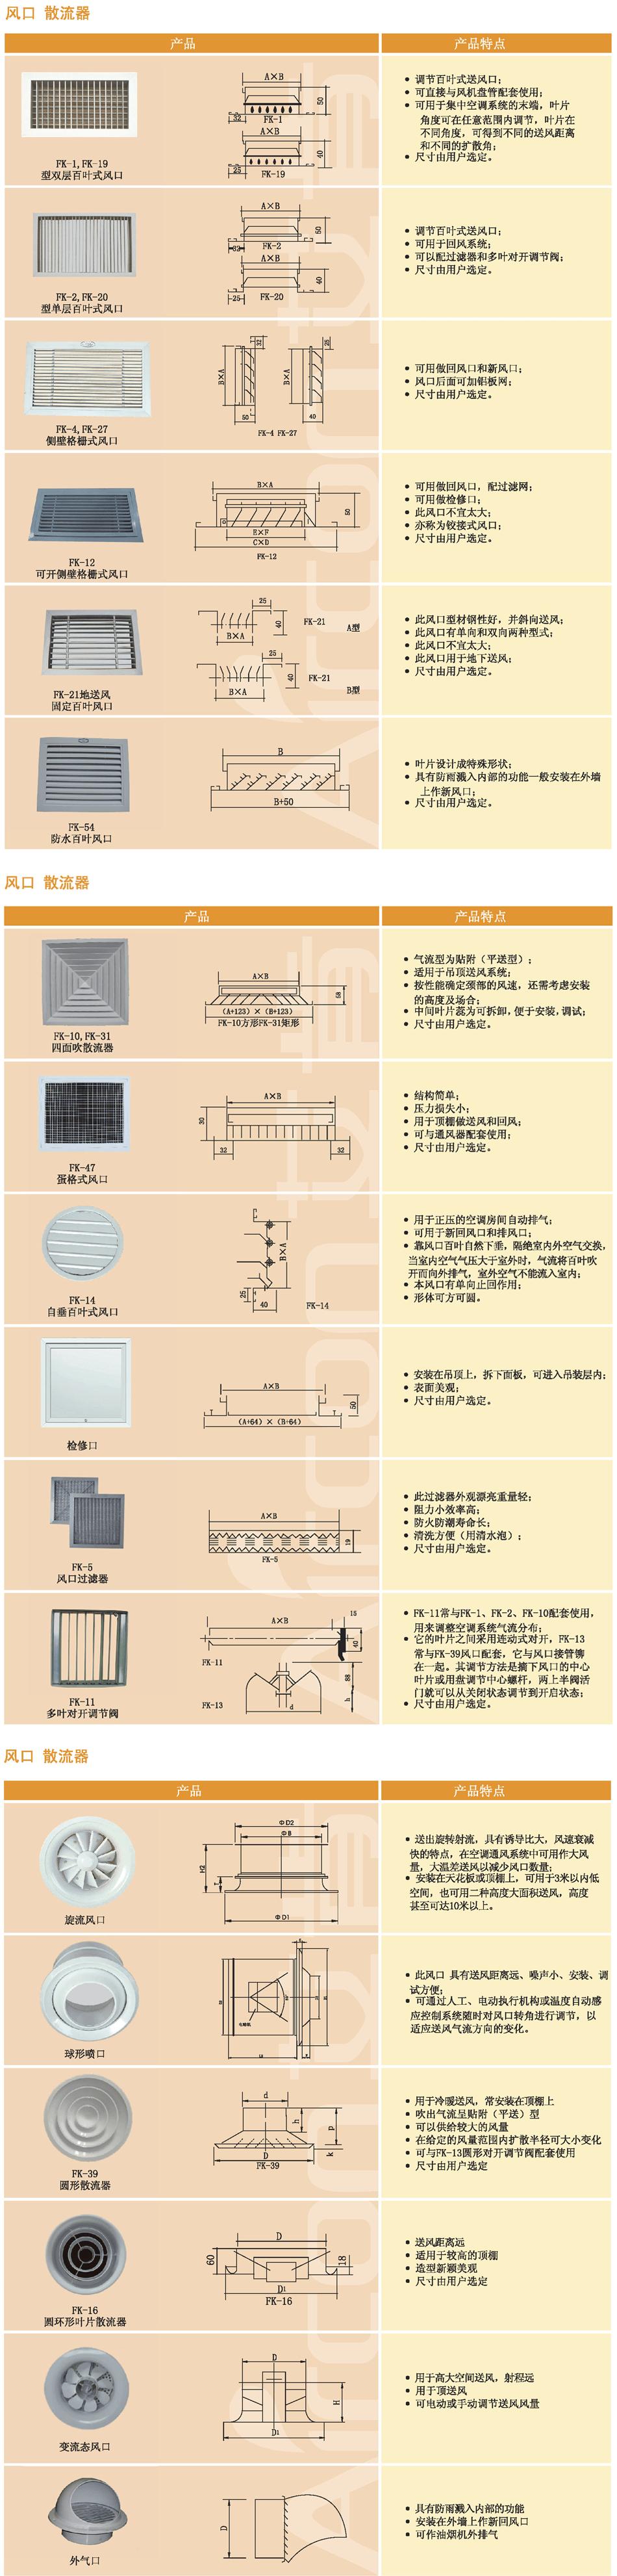 风口产品参数.png